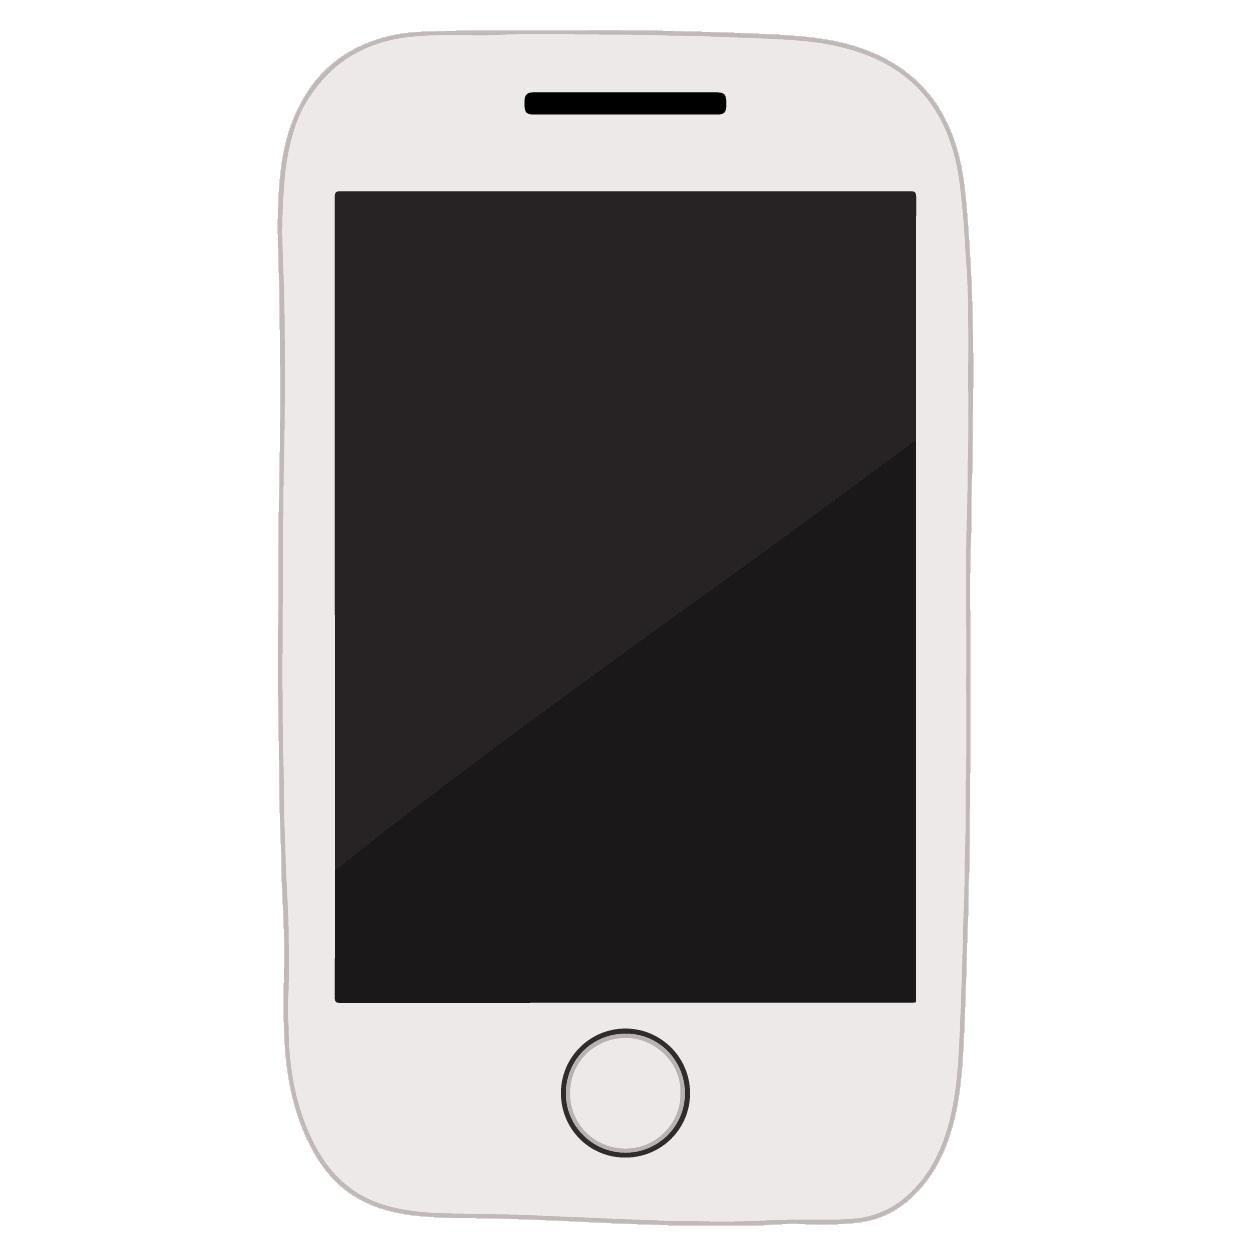 スマートフォン/携帯電話(白・ホワイト)のイラスト | 商用フリー(無料